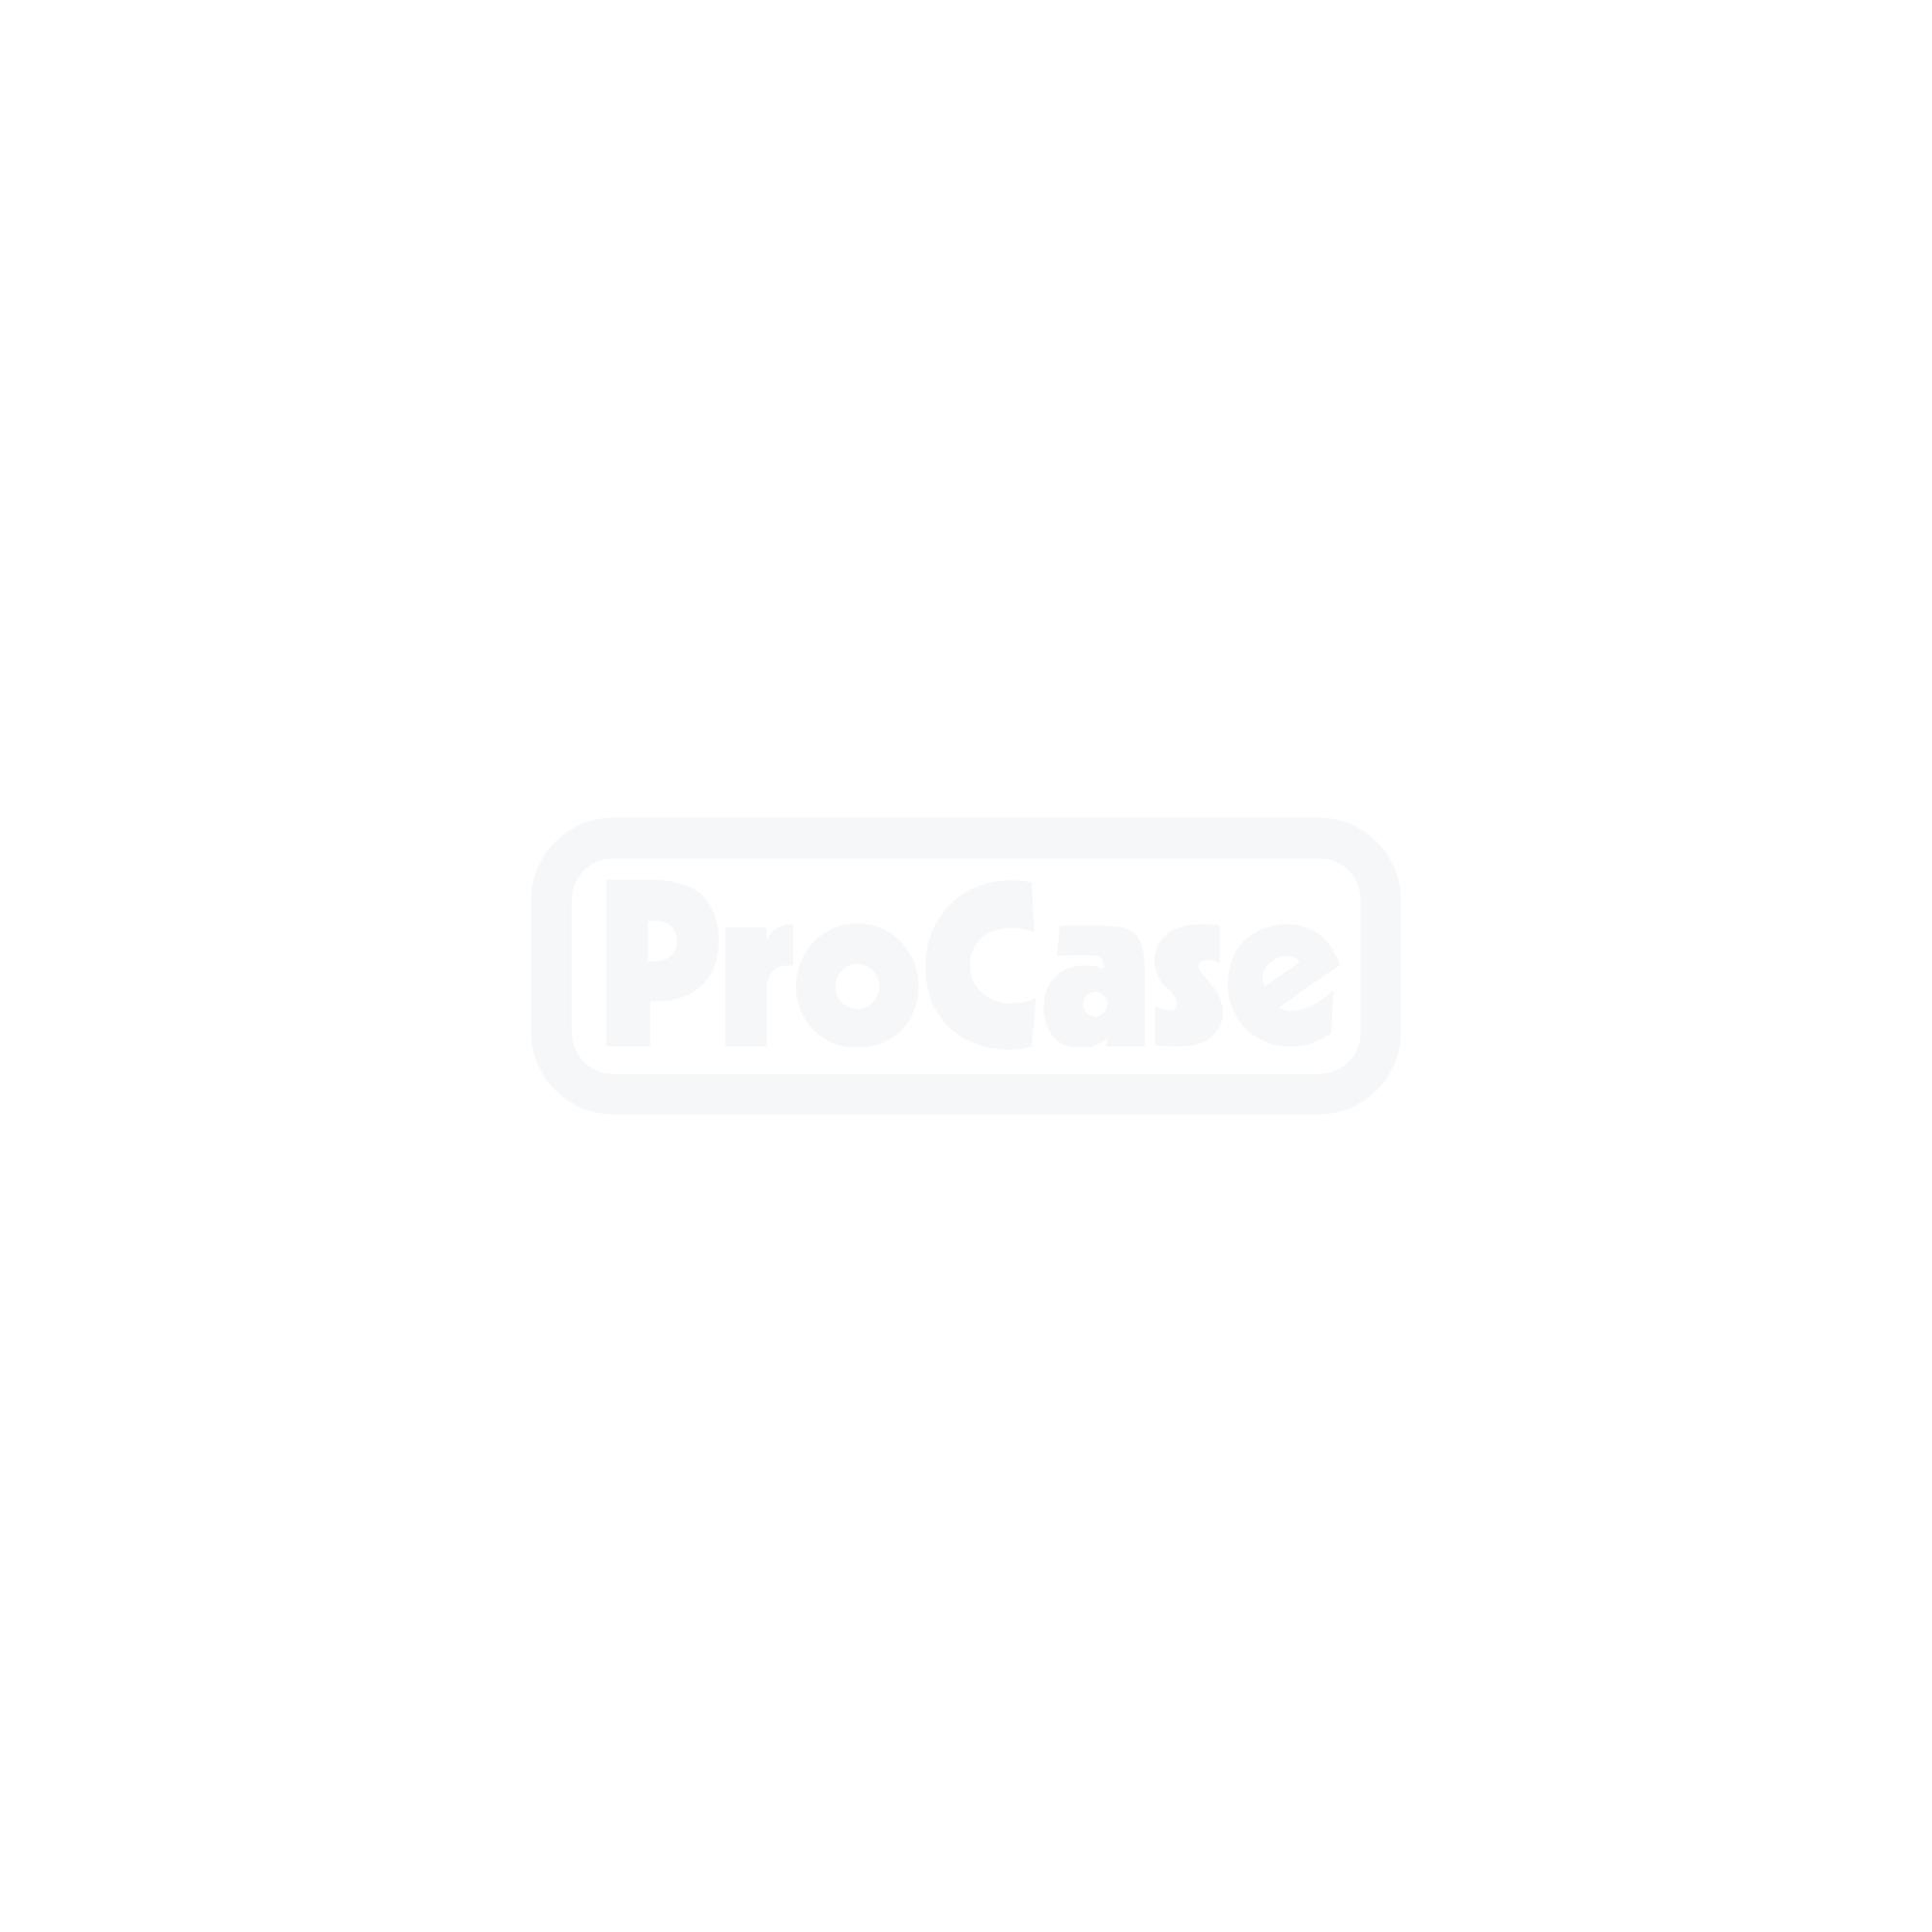 Flightcase für 4 Arri L7-C/T 2